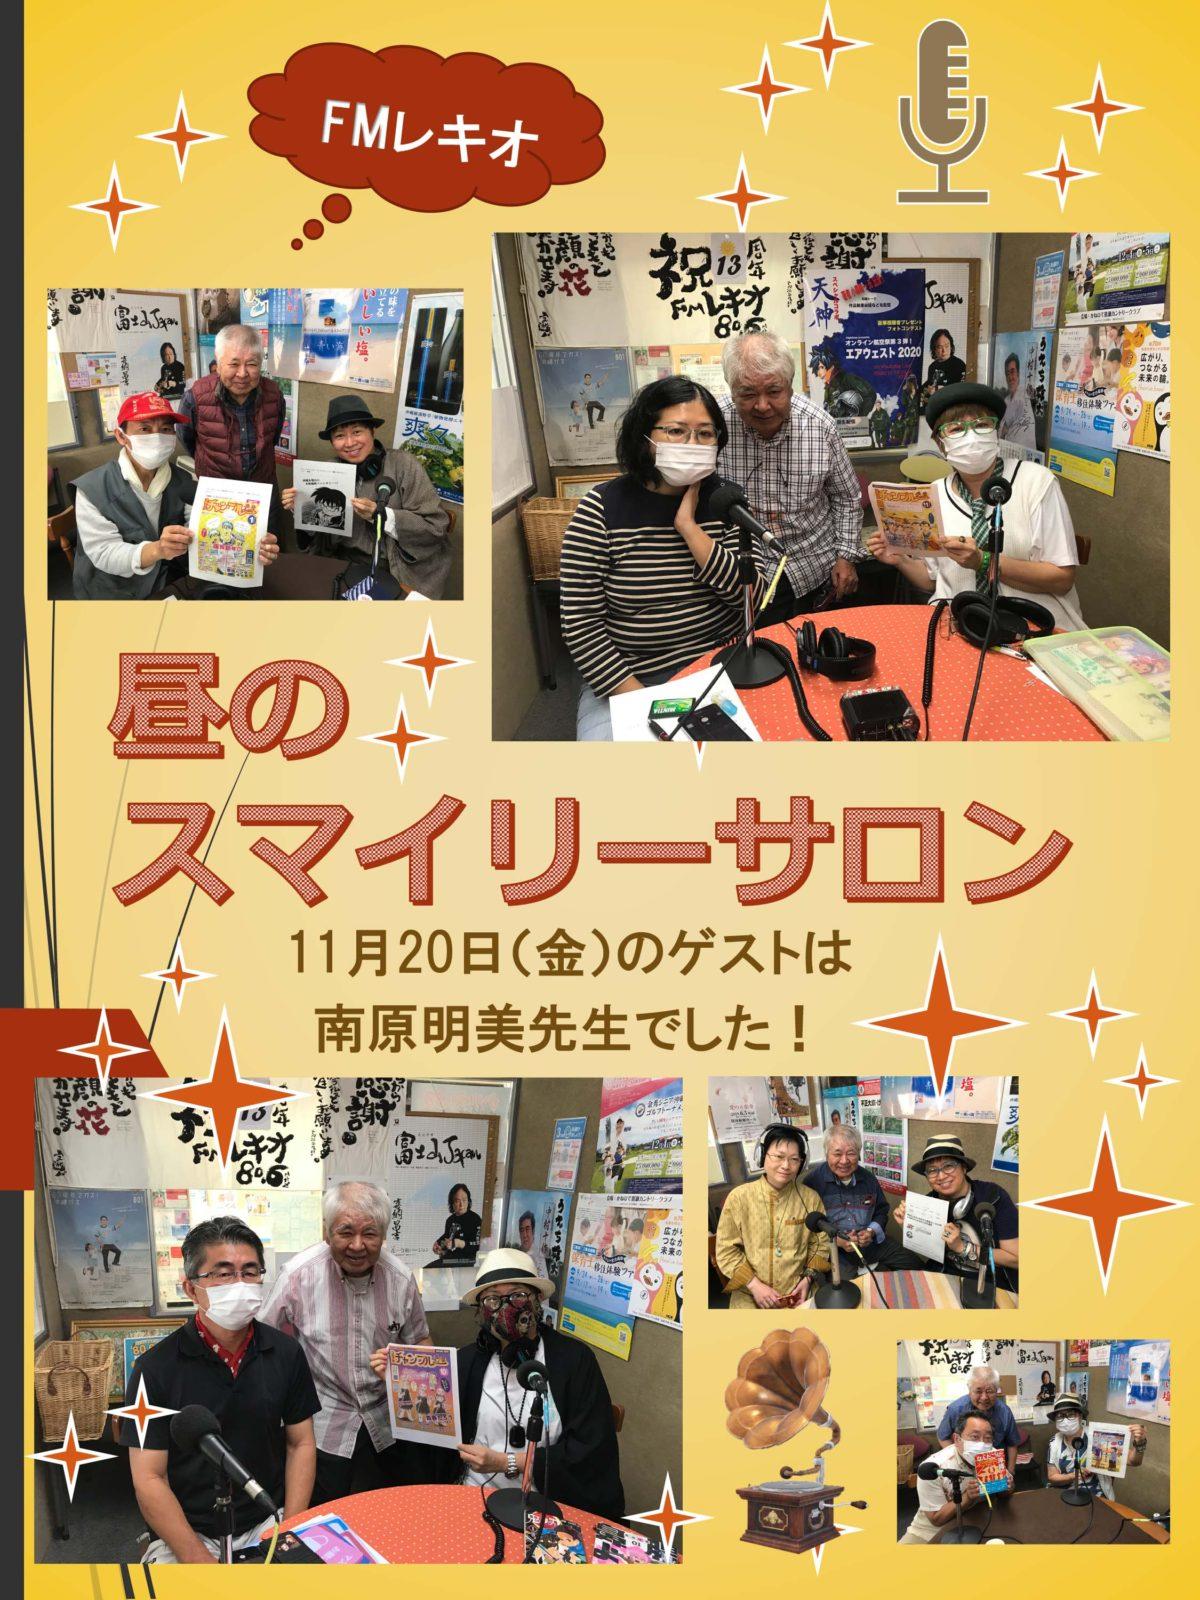 『昼のスマイリーサロン』11月20日(金)のゲストは「実話・地名笑い⁈話」の南原明美先生でした!